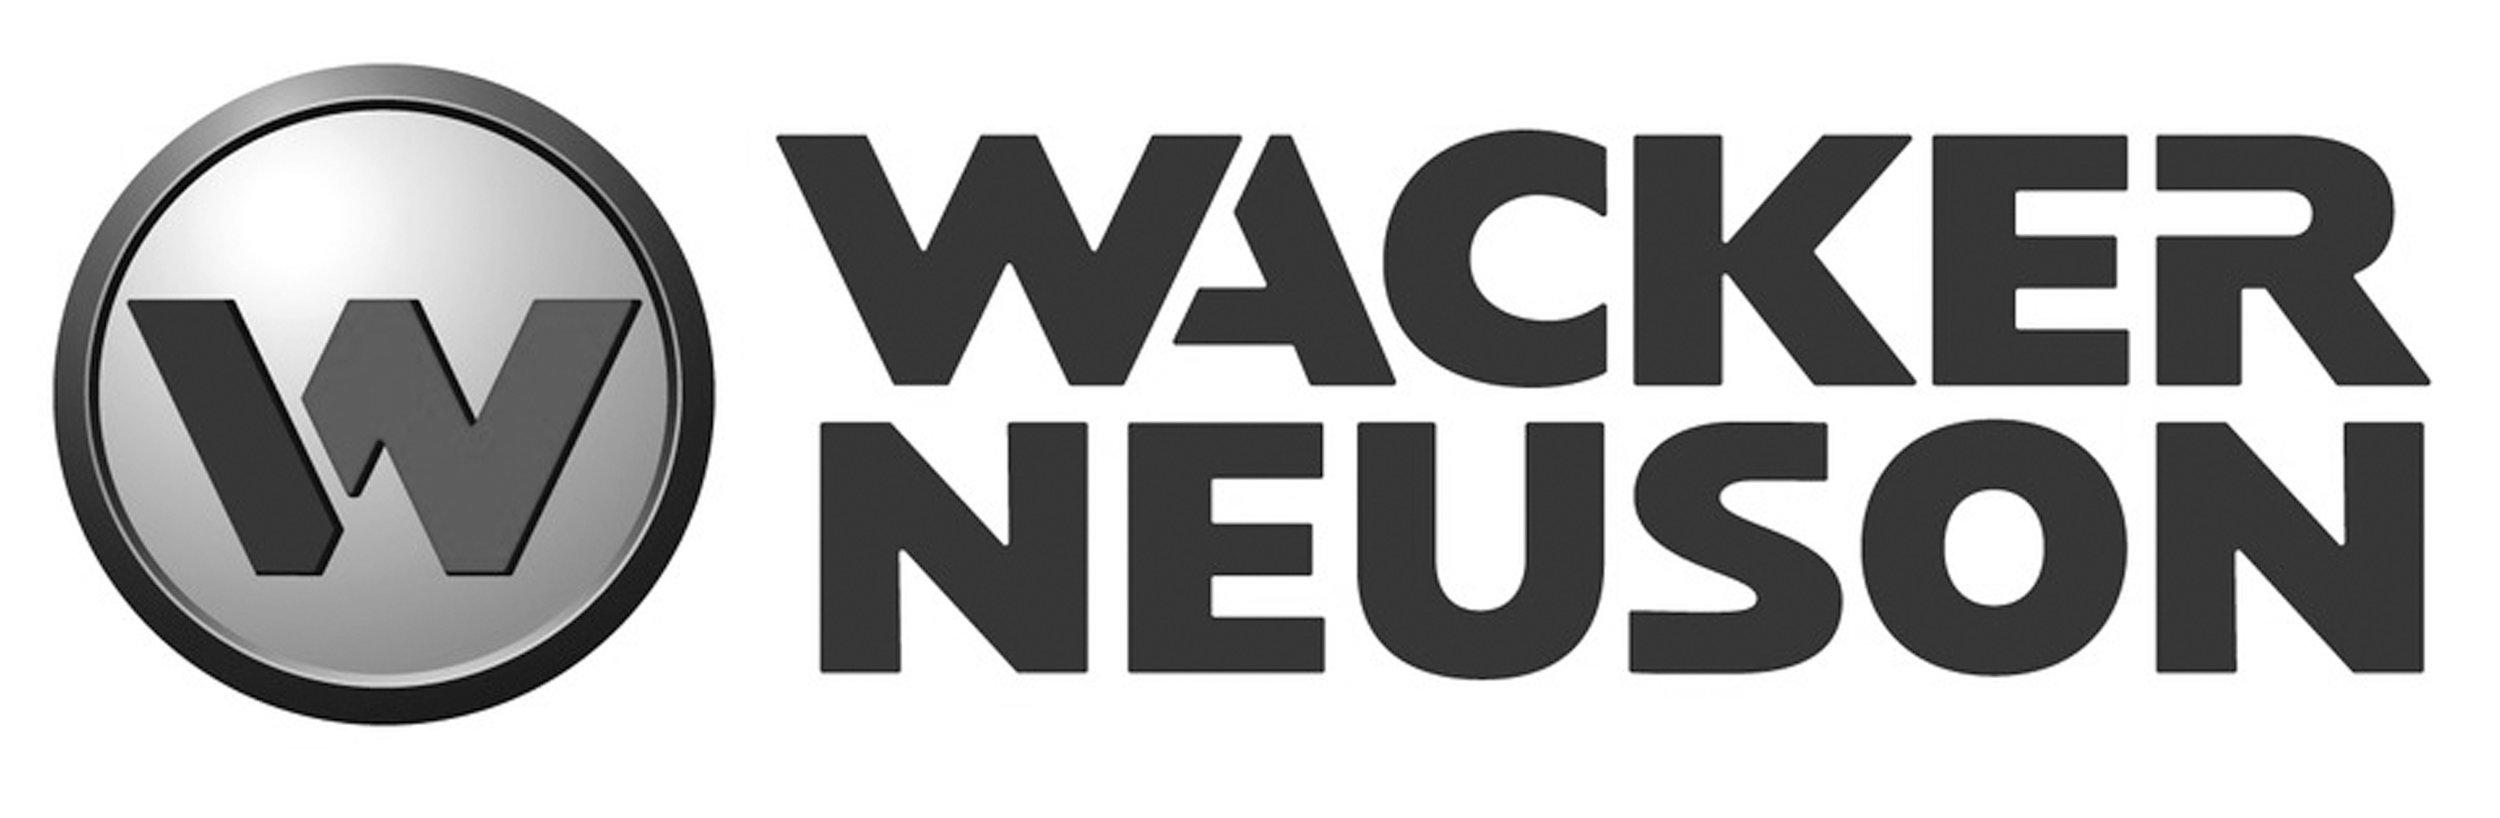 WACKER-LOGO.jpg